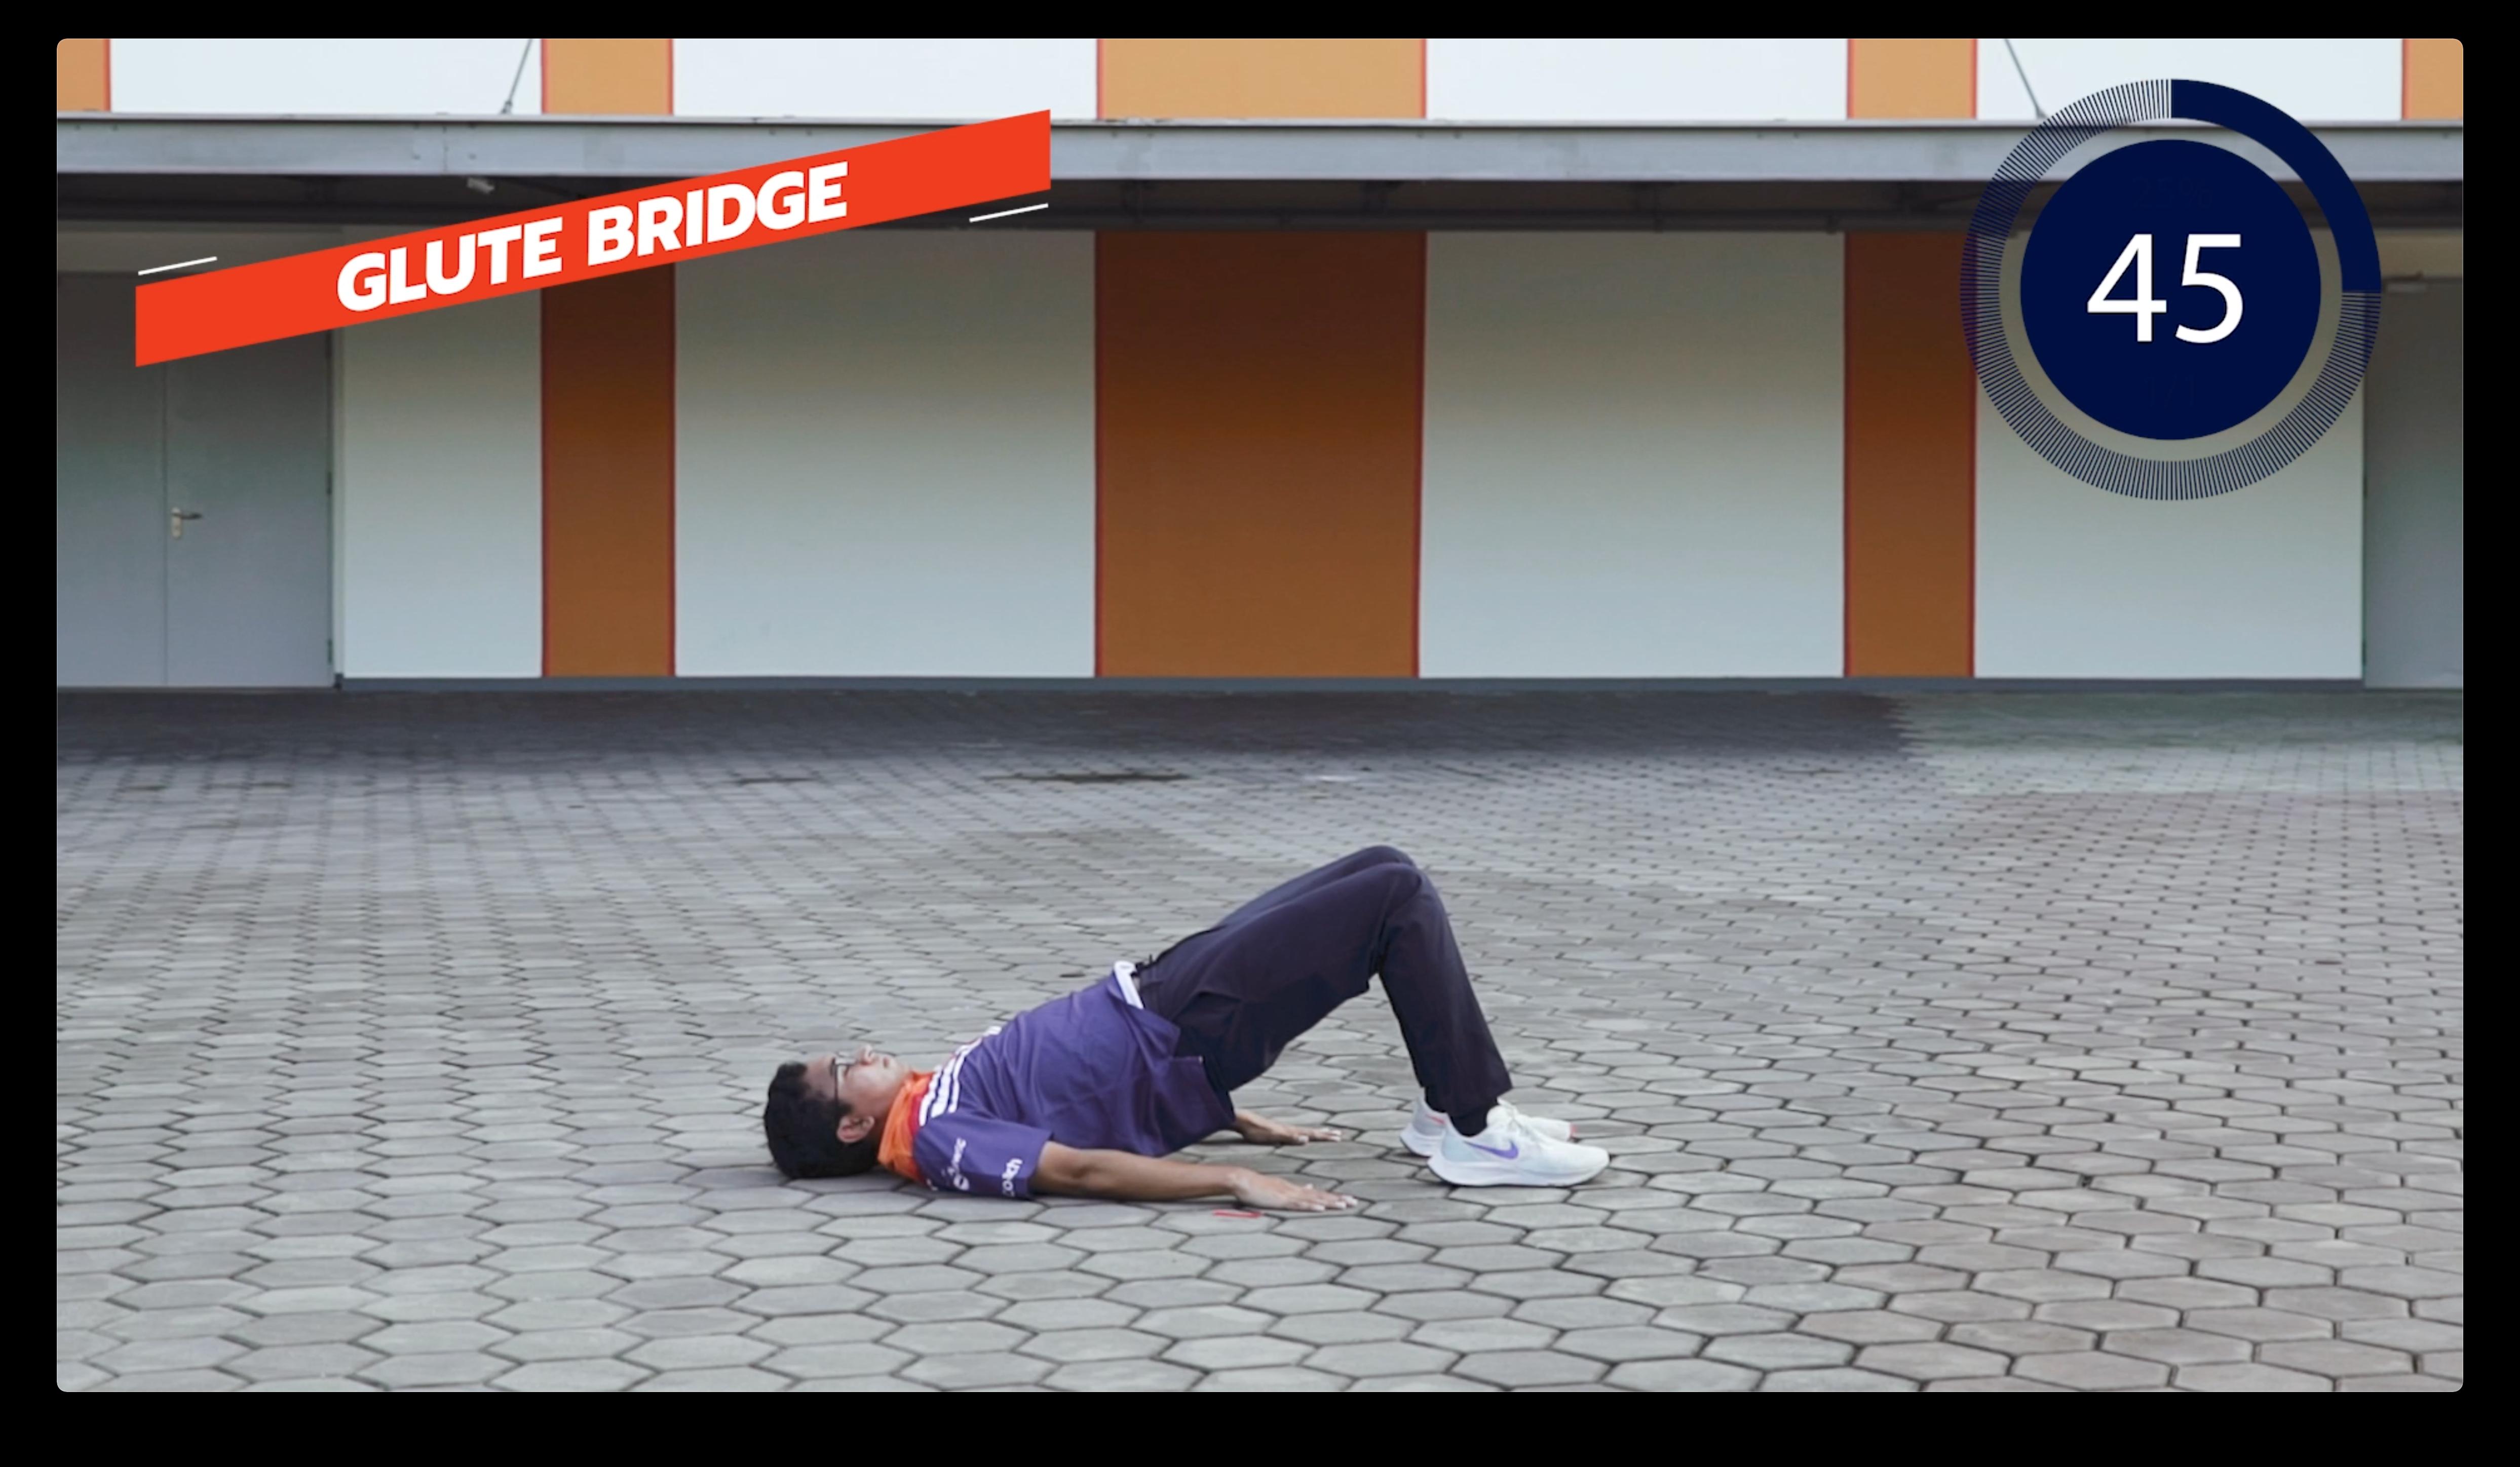 Glute Bridge